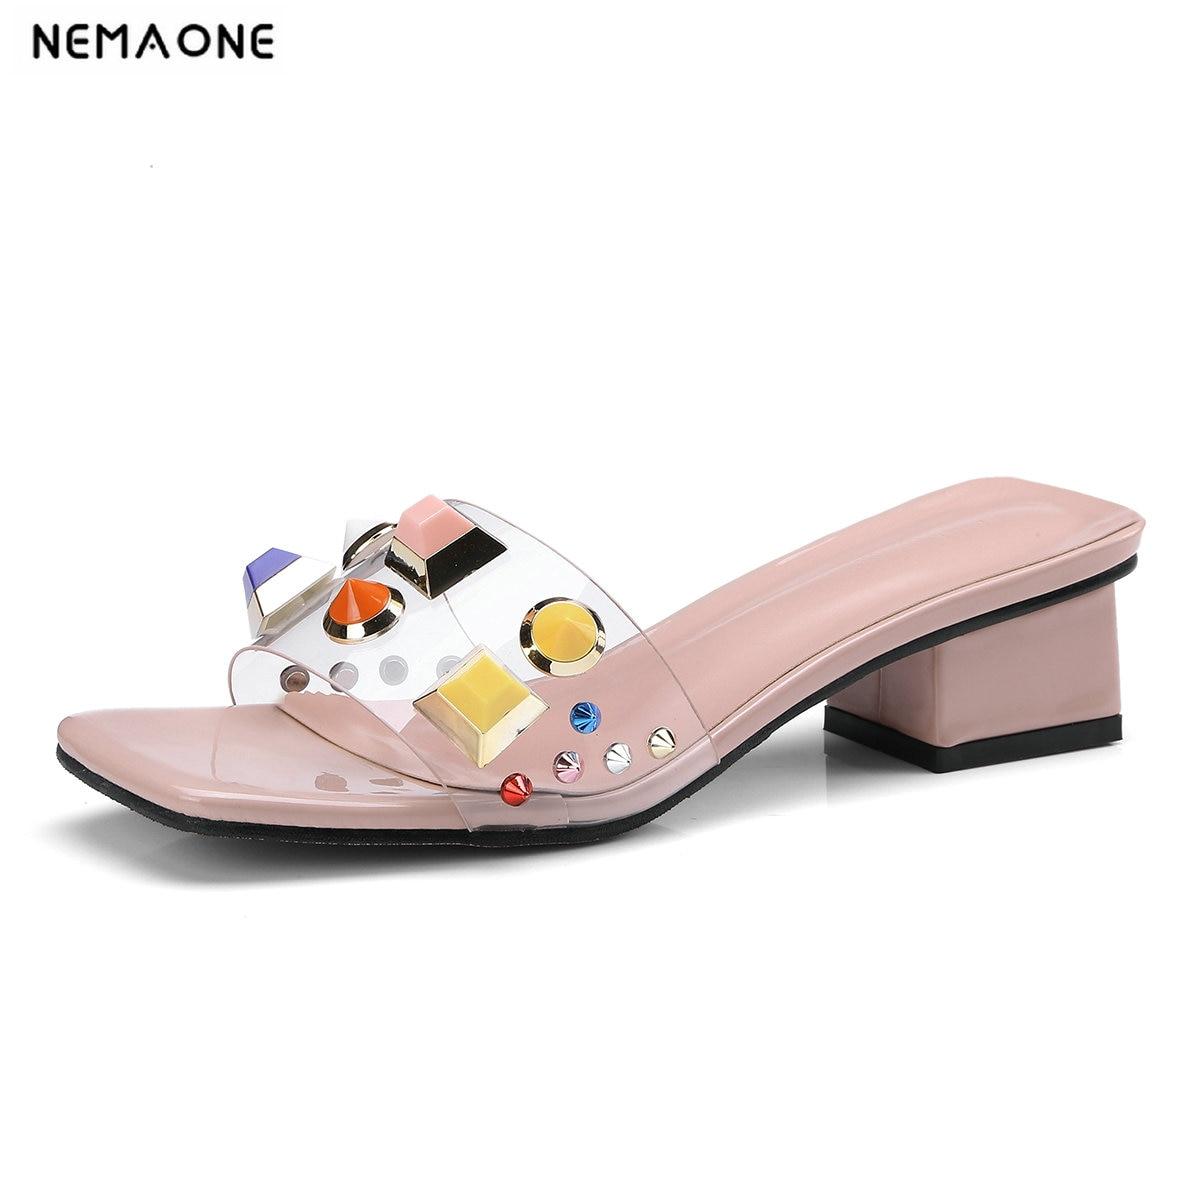 be4e5fac73f5 Stilettos Rose Souliers Sandales Coloré Confort Transparent De Hauts blanc  Femme Robe Pantoufles Femmes Pour Nemaone ...